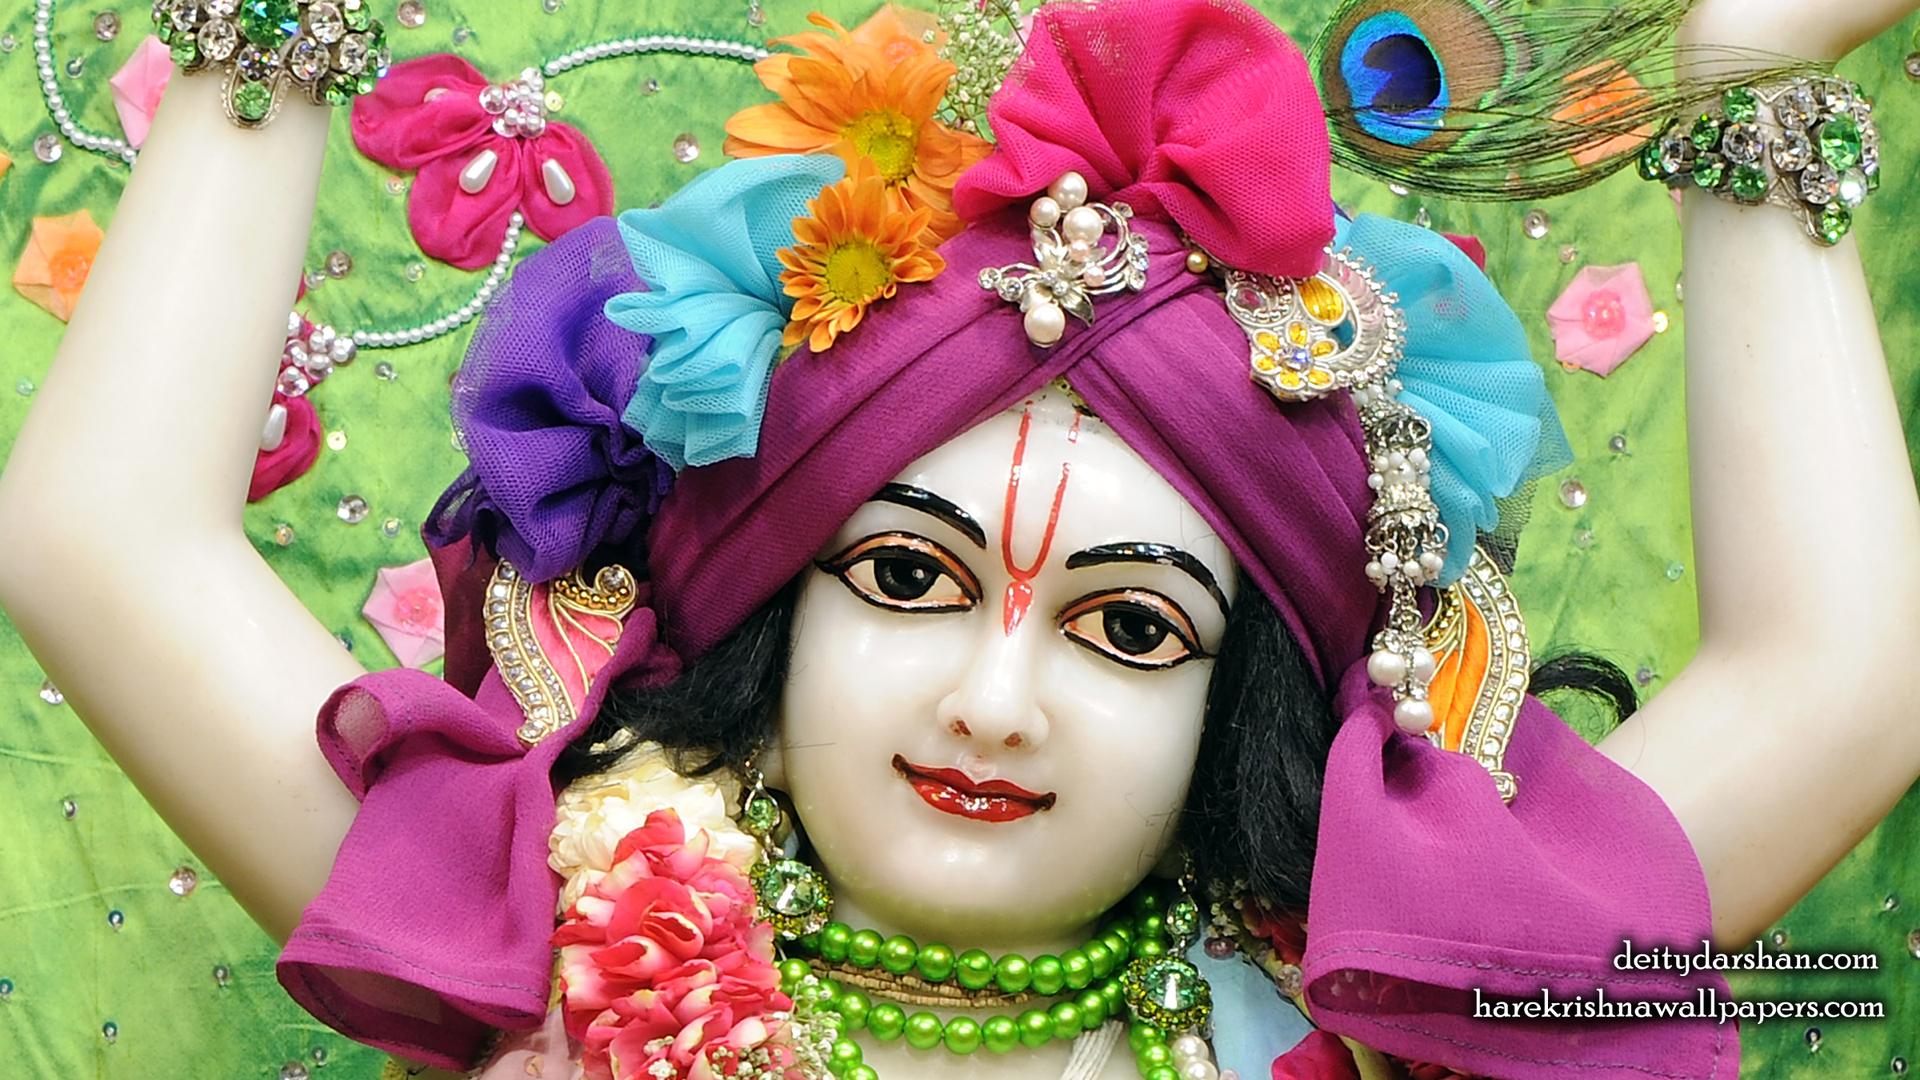 Sri Gaurachandra Close up Wallpaper (037) Size 1920x1080 Download